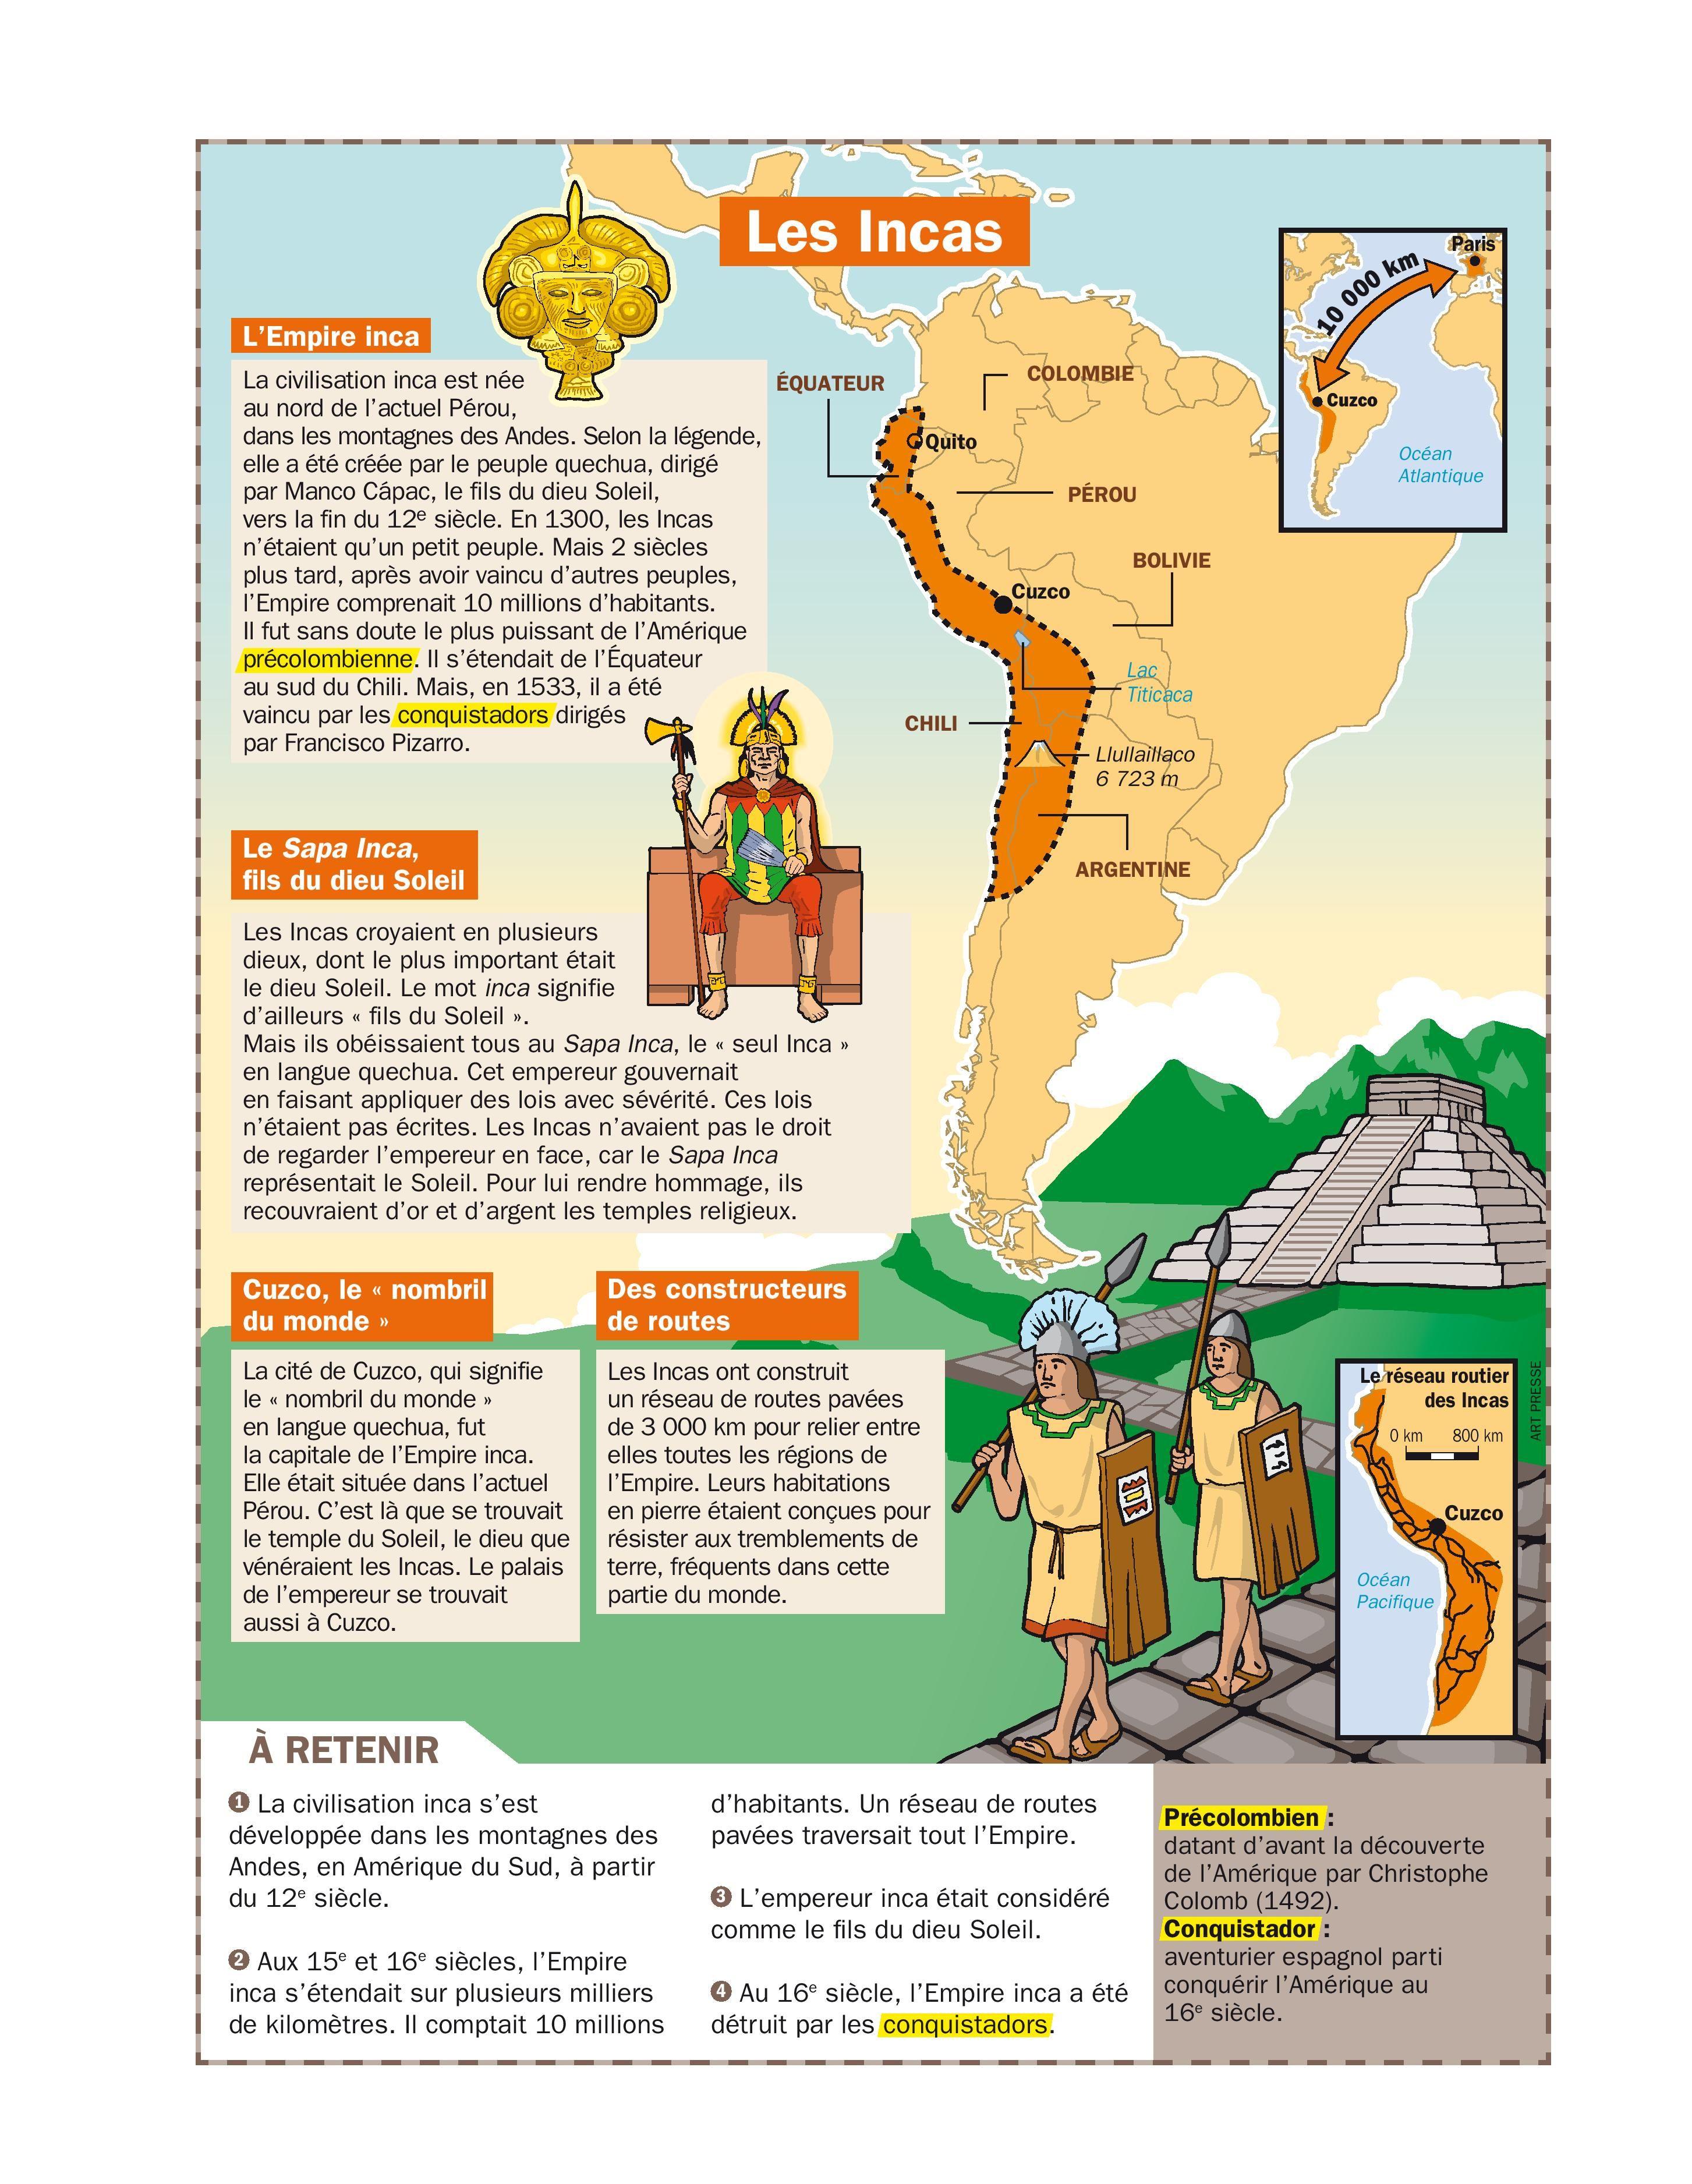 Incas Profedeele Civilizaciones Prehispanicas Culturas De America Ensenanza De La Historia